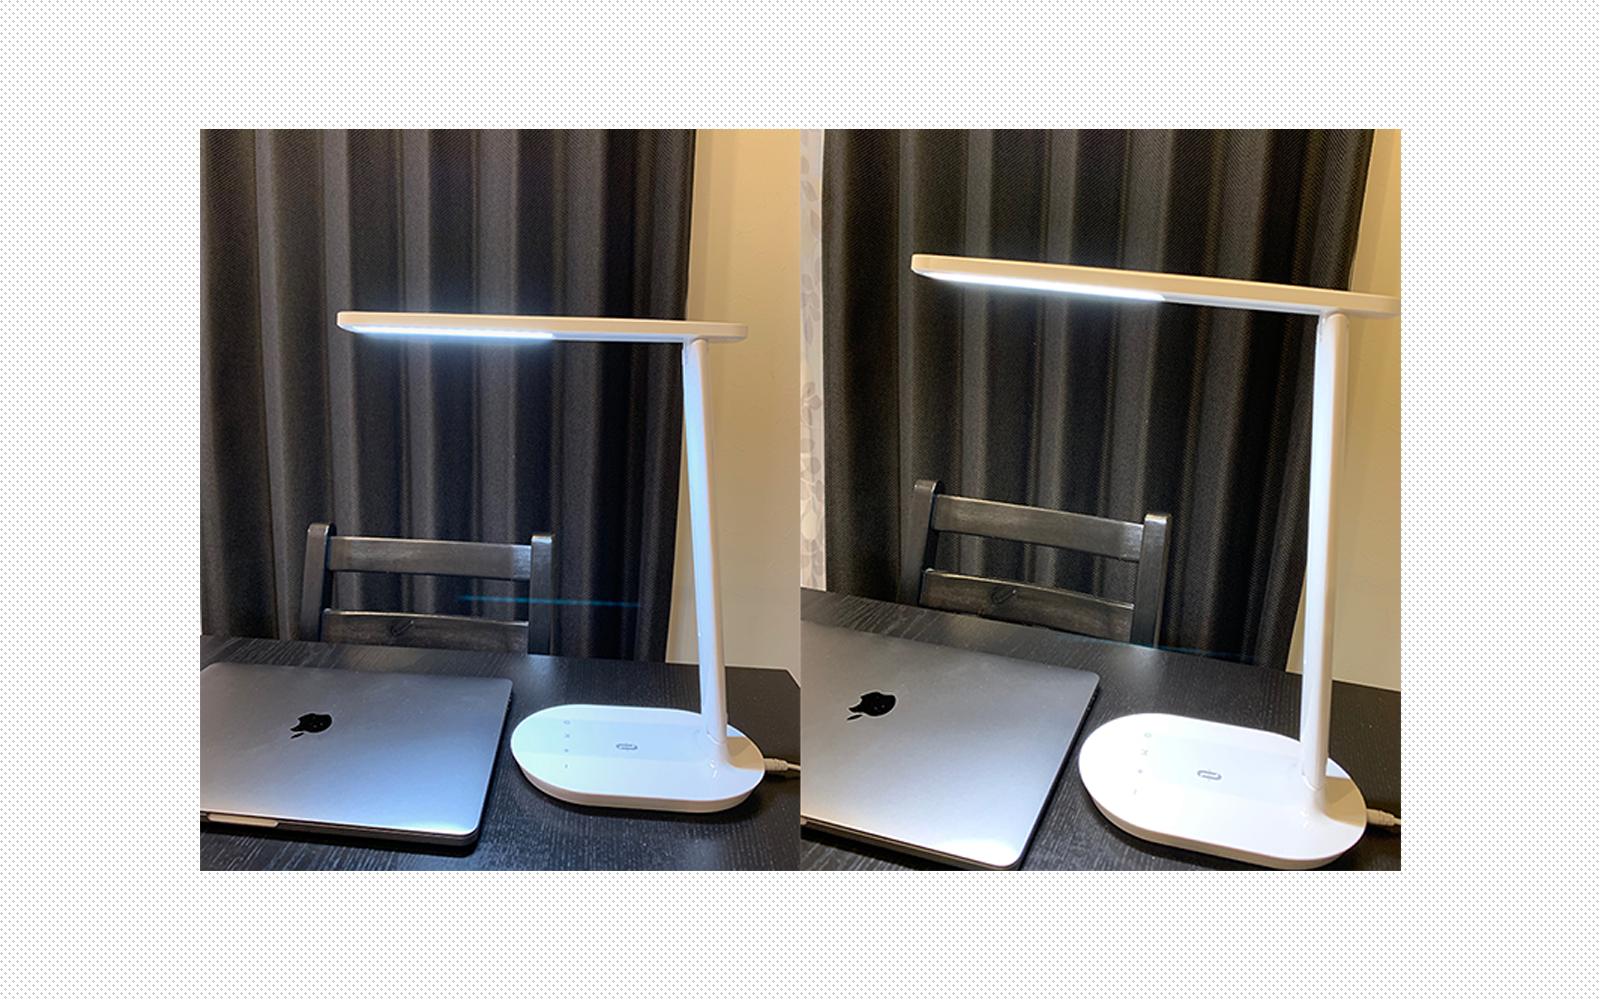 手元くっきりで集中力アップ! TaoTronics LED デスクライト(TT-DL064)を正直にレビュー